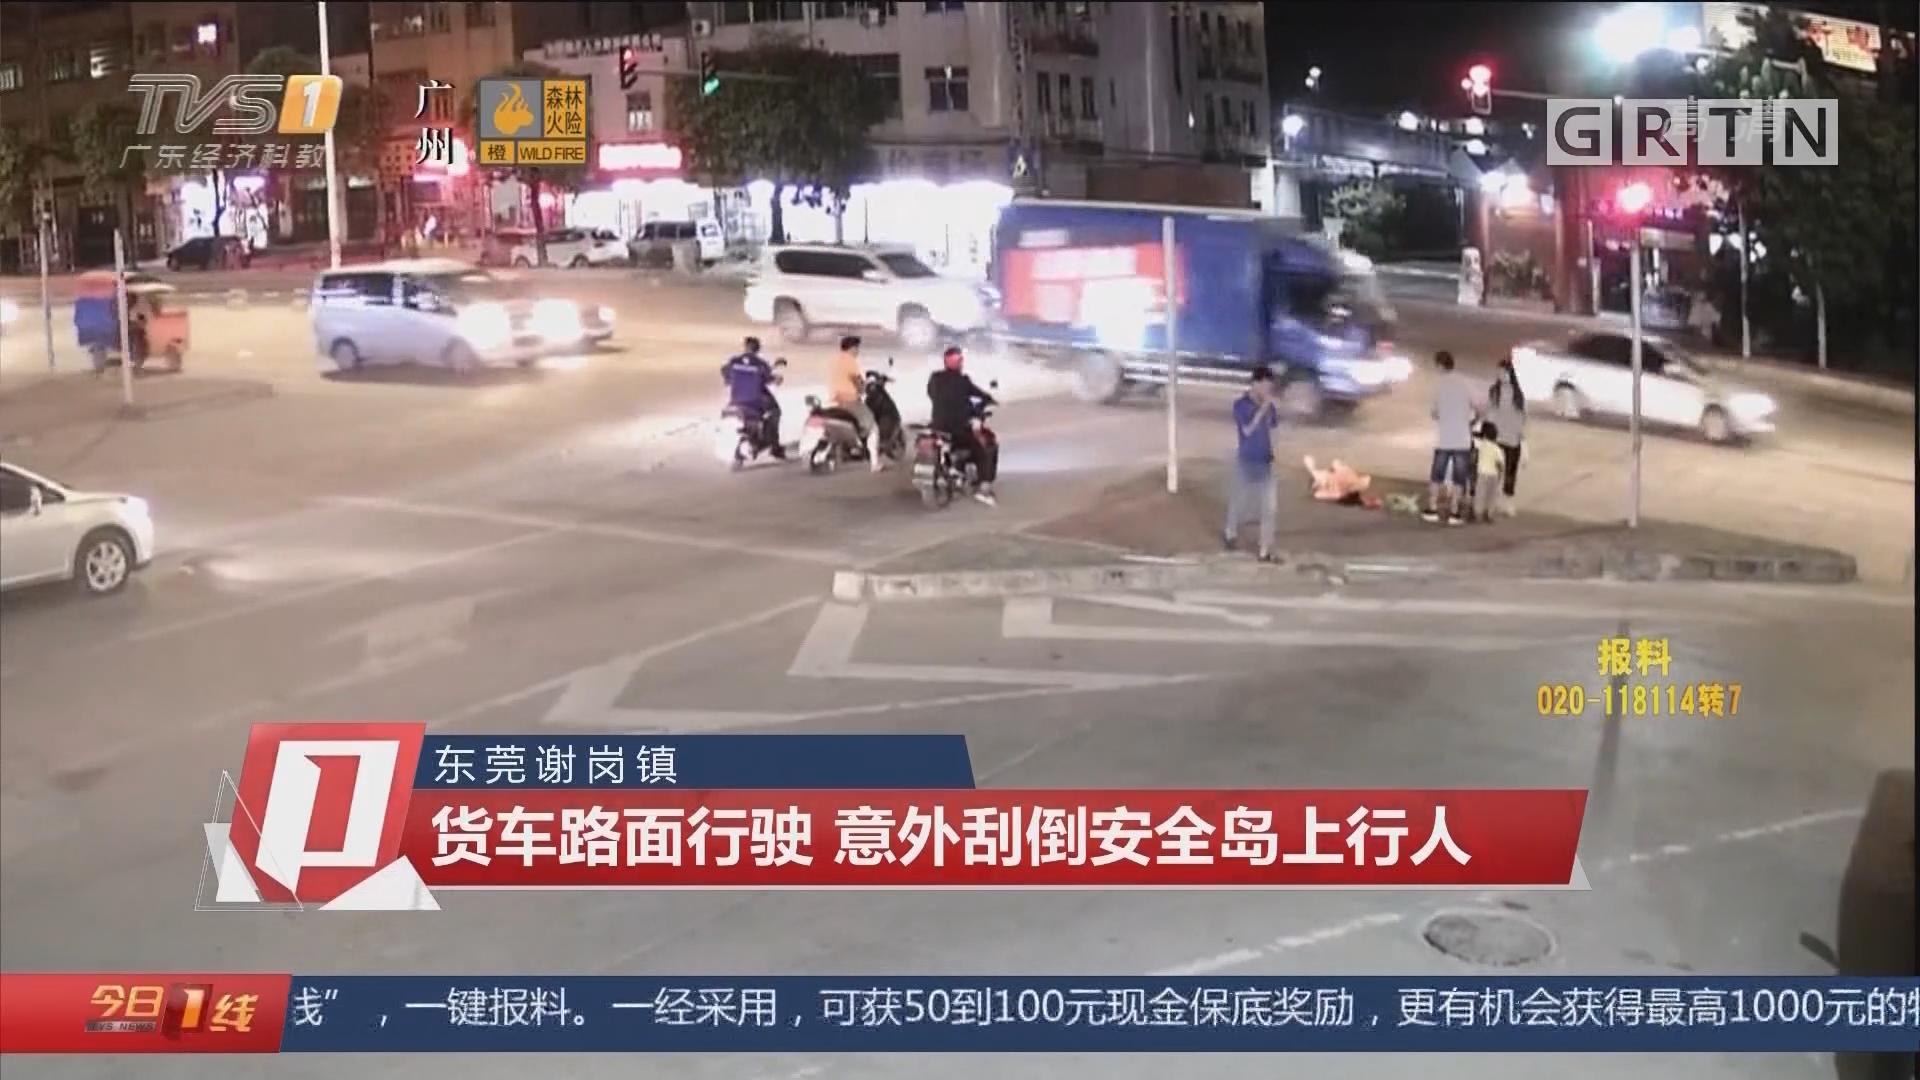 东莞谢岗镇:货车路面行驶 意外刮倒安全岛上行人